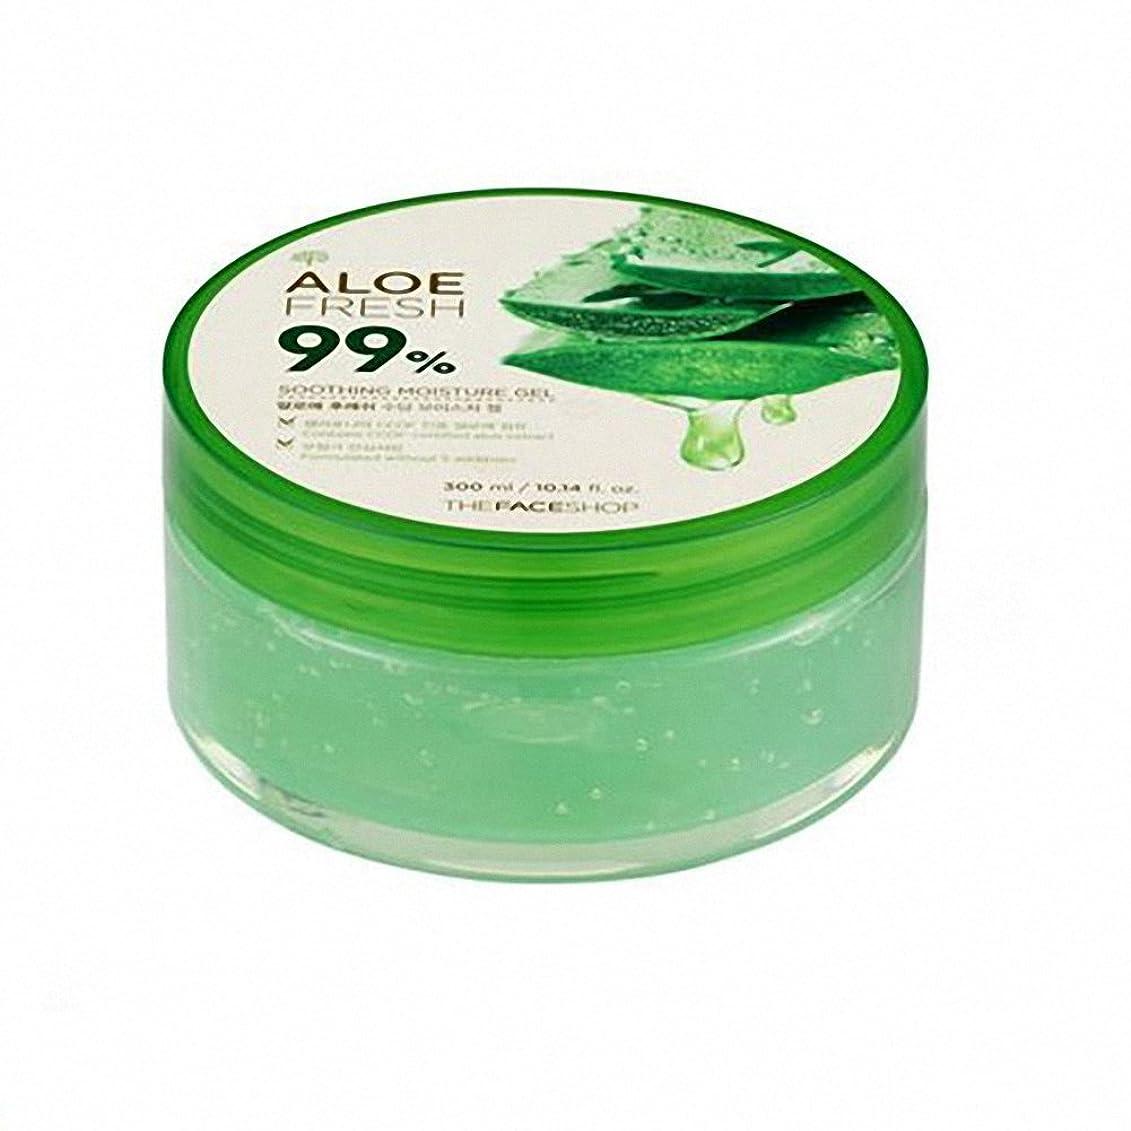 ヘビマオリ刺激するザ·フェイスショップ The Face Shopアロエフレッシュスージングモイスチャージェル(300ml) The Face Shop Aloe Fresh Soothing Moisture Gel 300ml [海外直送品]